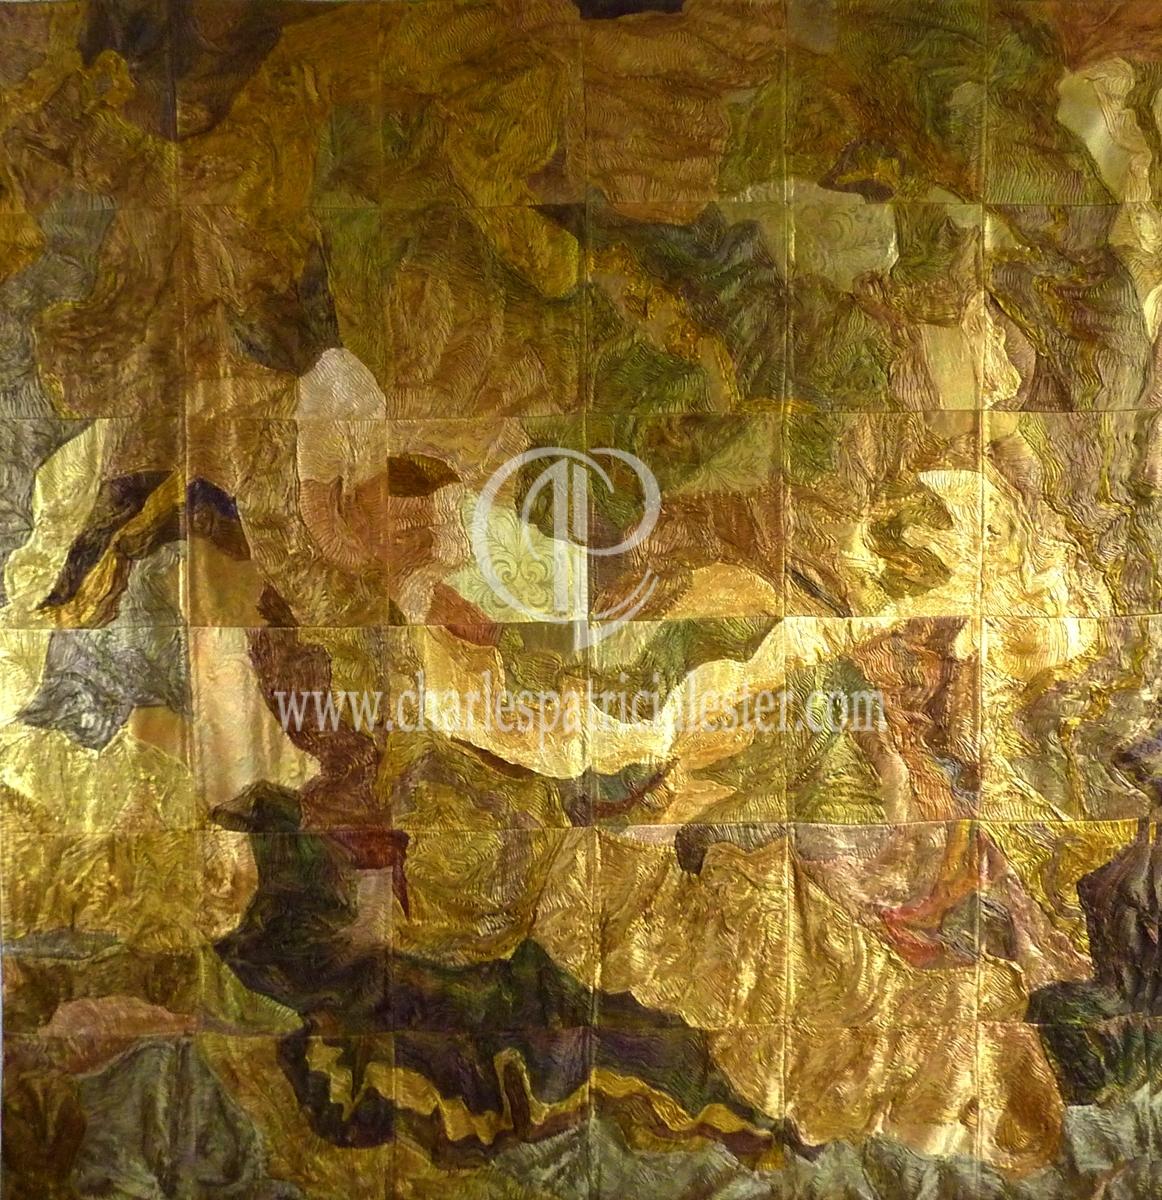 Harvet-gold